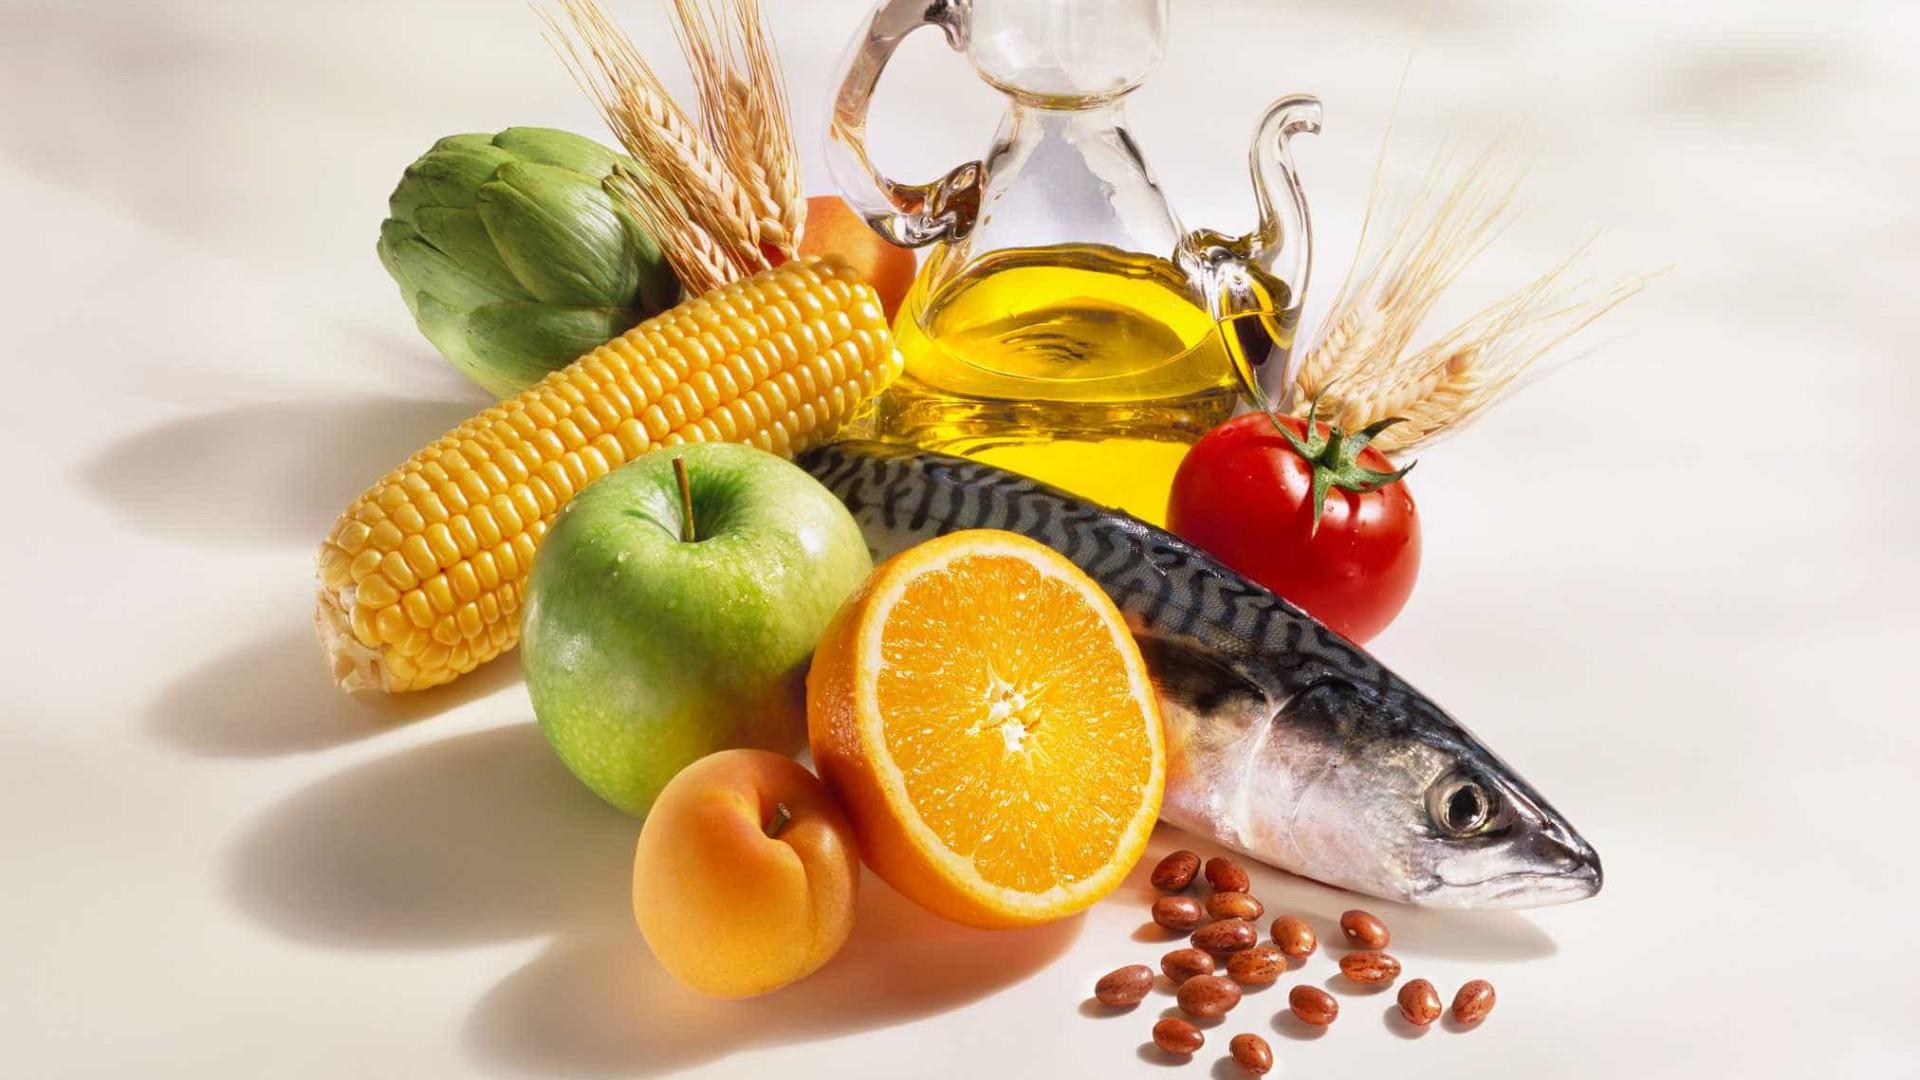 Alimentação saudável é foco de nova iniciativa de rede de supermercado